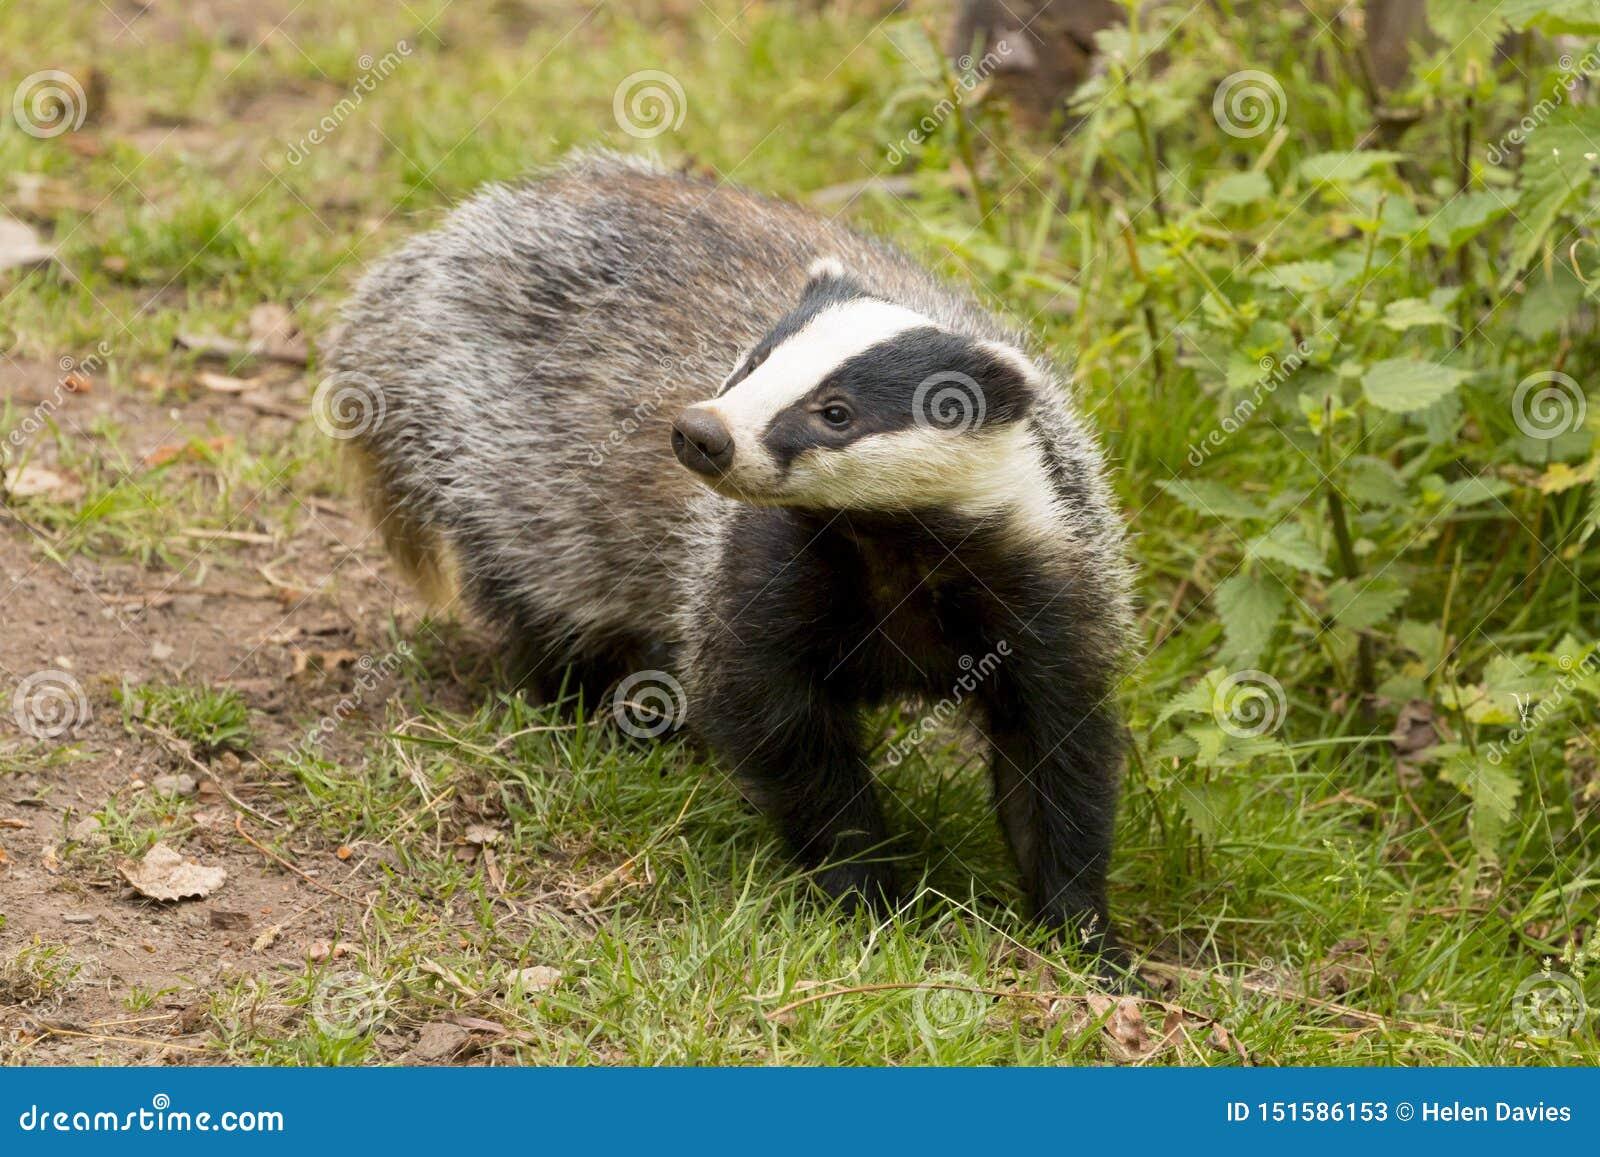 European Badger Meles meles adult